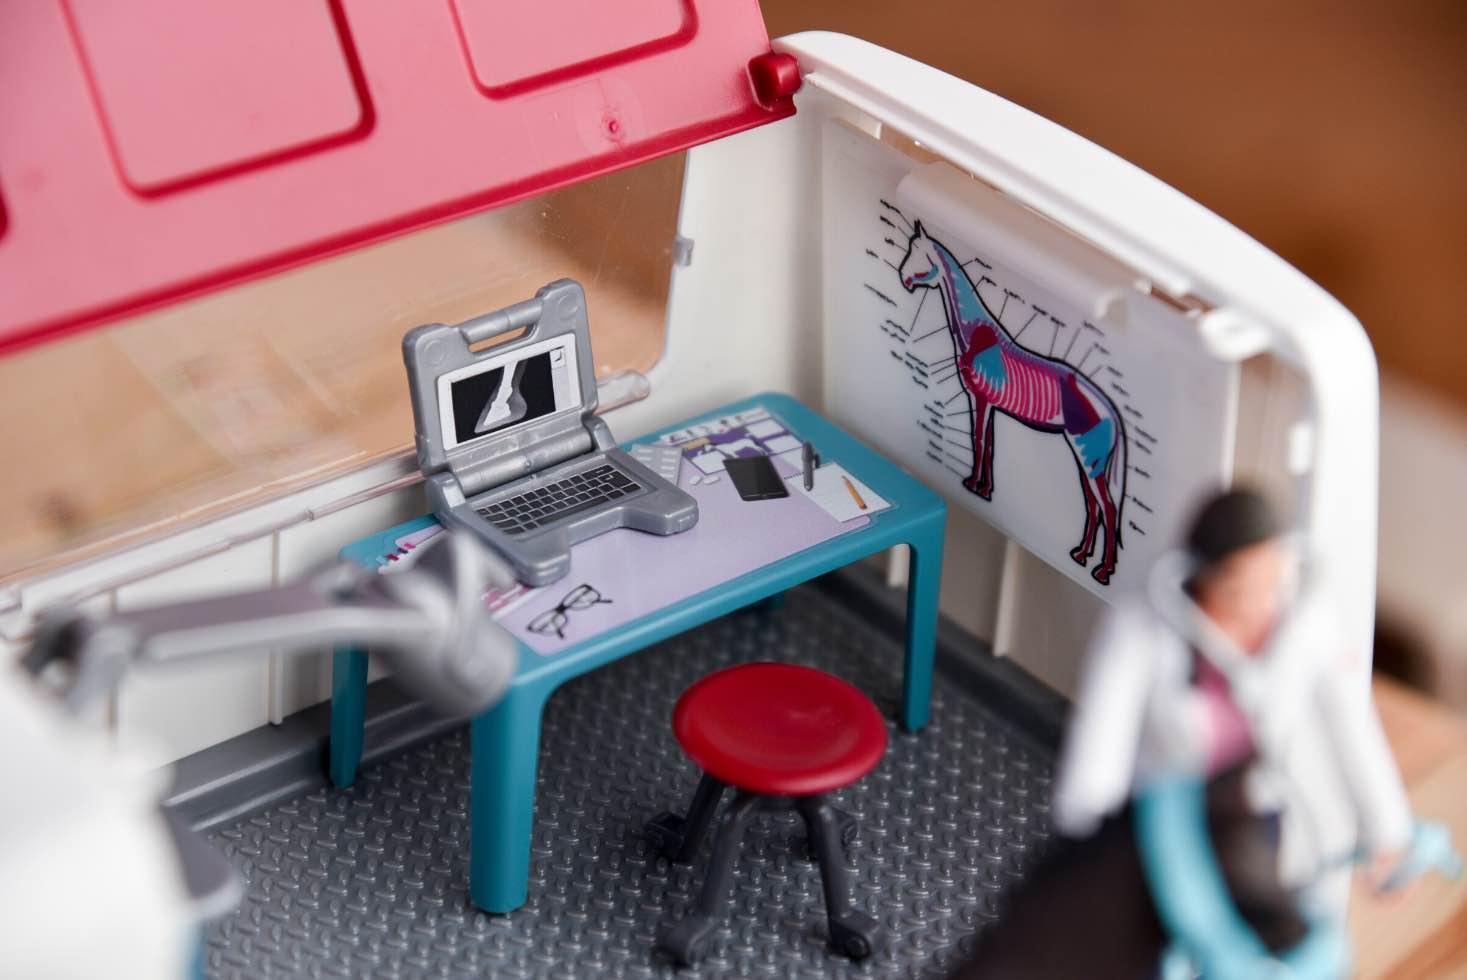 Röntgengerät und Laptop zum Tierarzt-Spielen. Spielzeug.